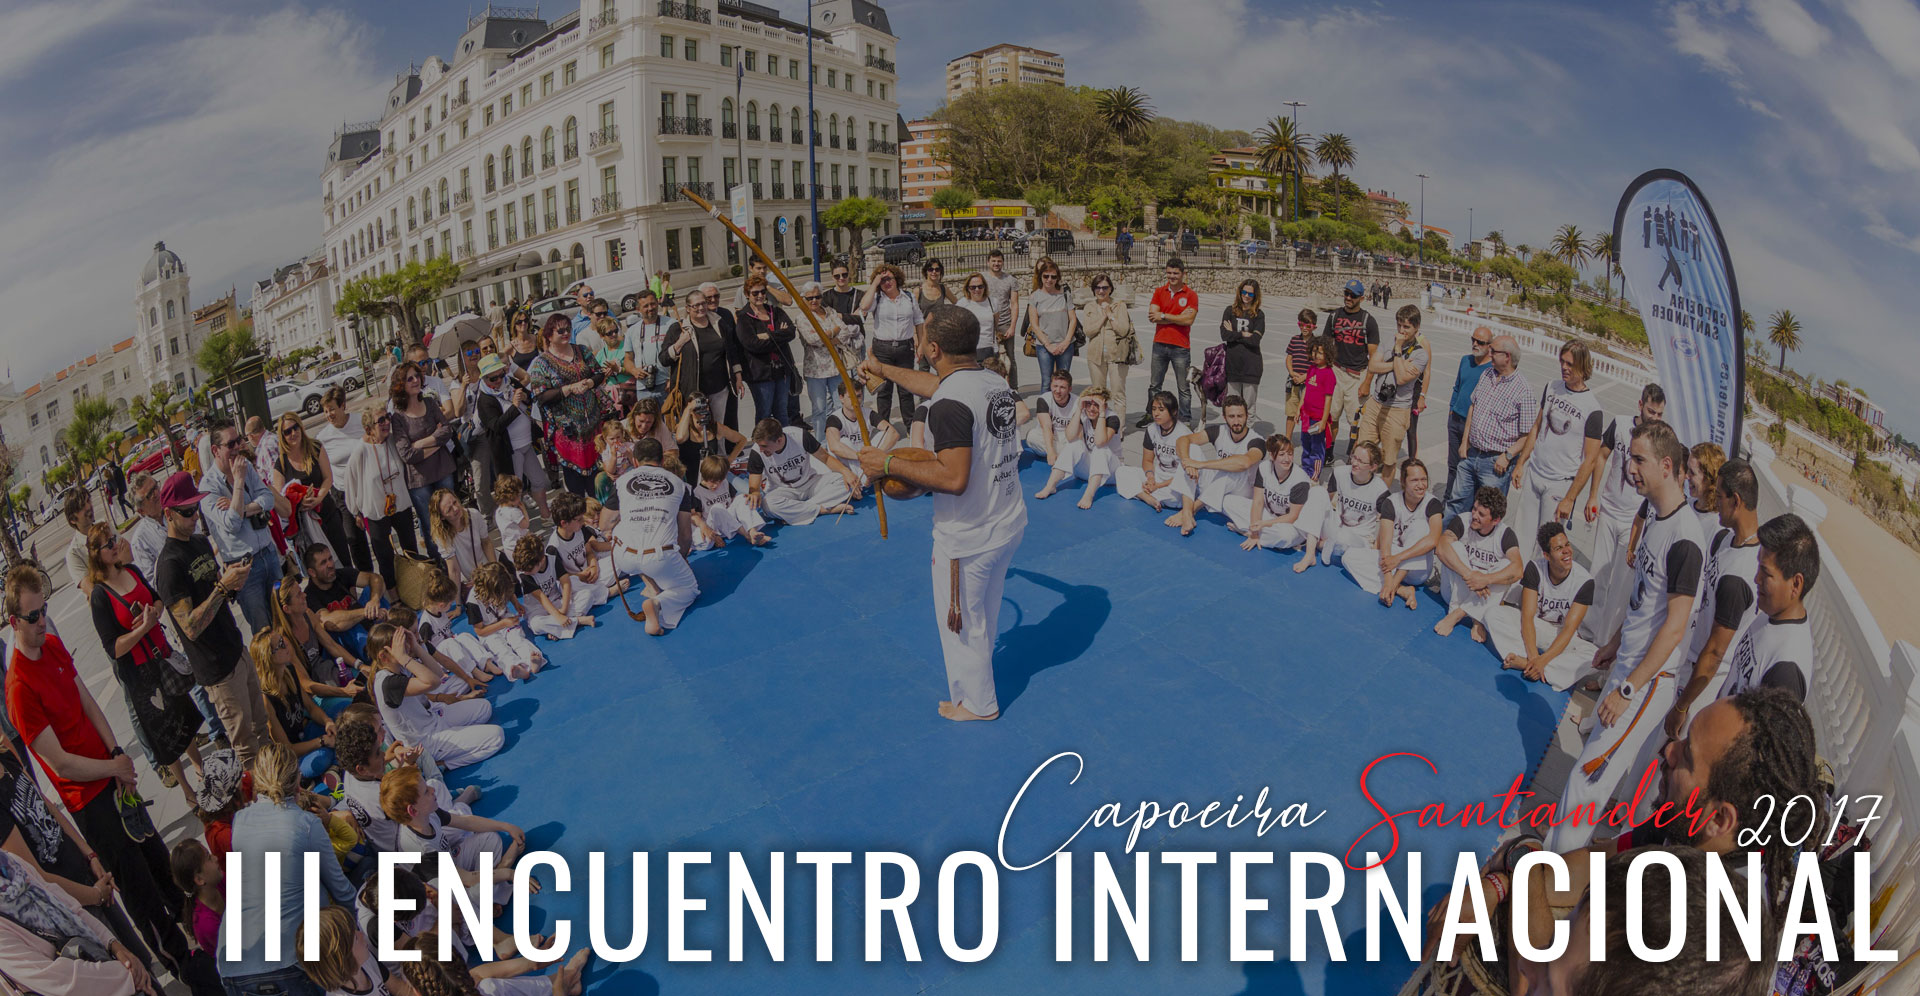 cabecera-pc-festivales-2017-arte-pura-santander-capoeira-cantabria